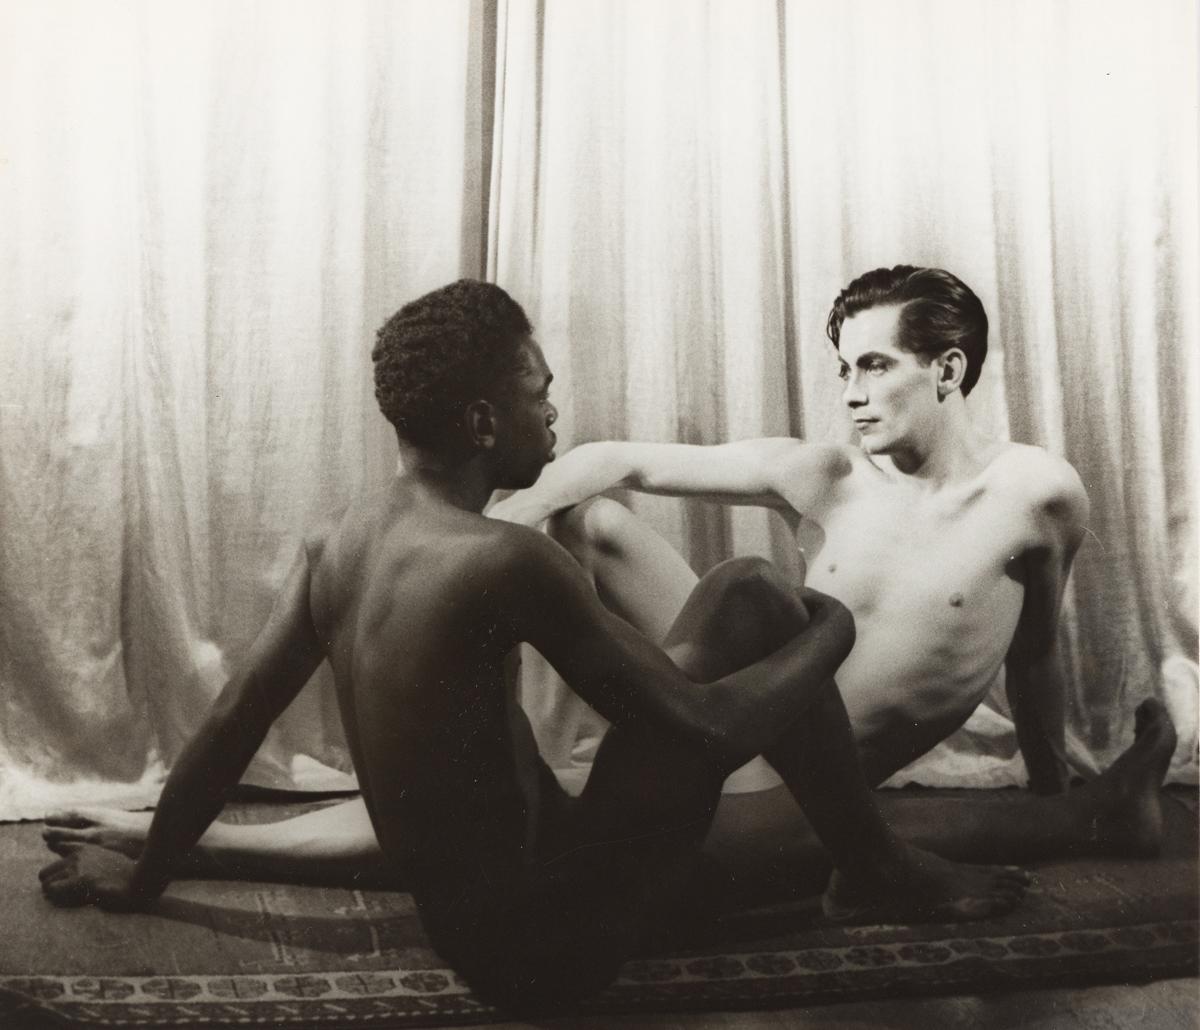 CARL VAN VECHTEN (1880-1964) Two nude figures, seated (Hugh Laing and Allen Meadows).